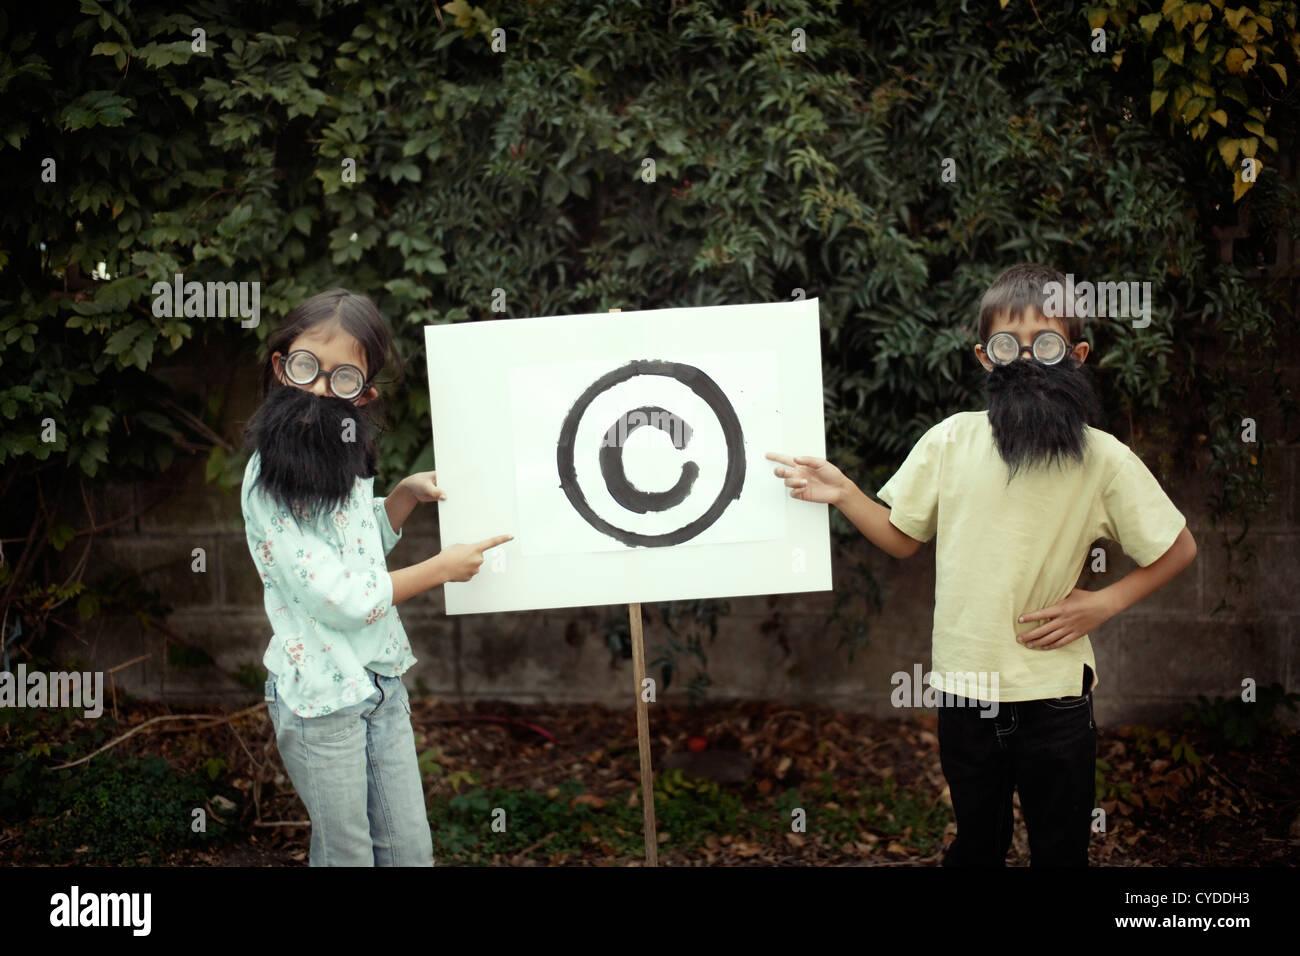 Garçon et fille habillé avec point de fausses barbes pour symbole de copyright. Photo Stock